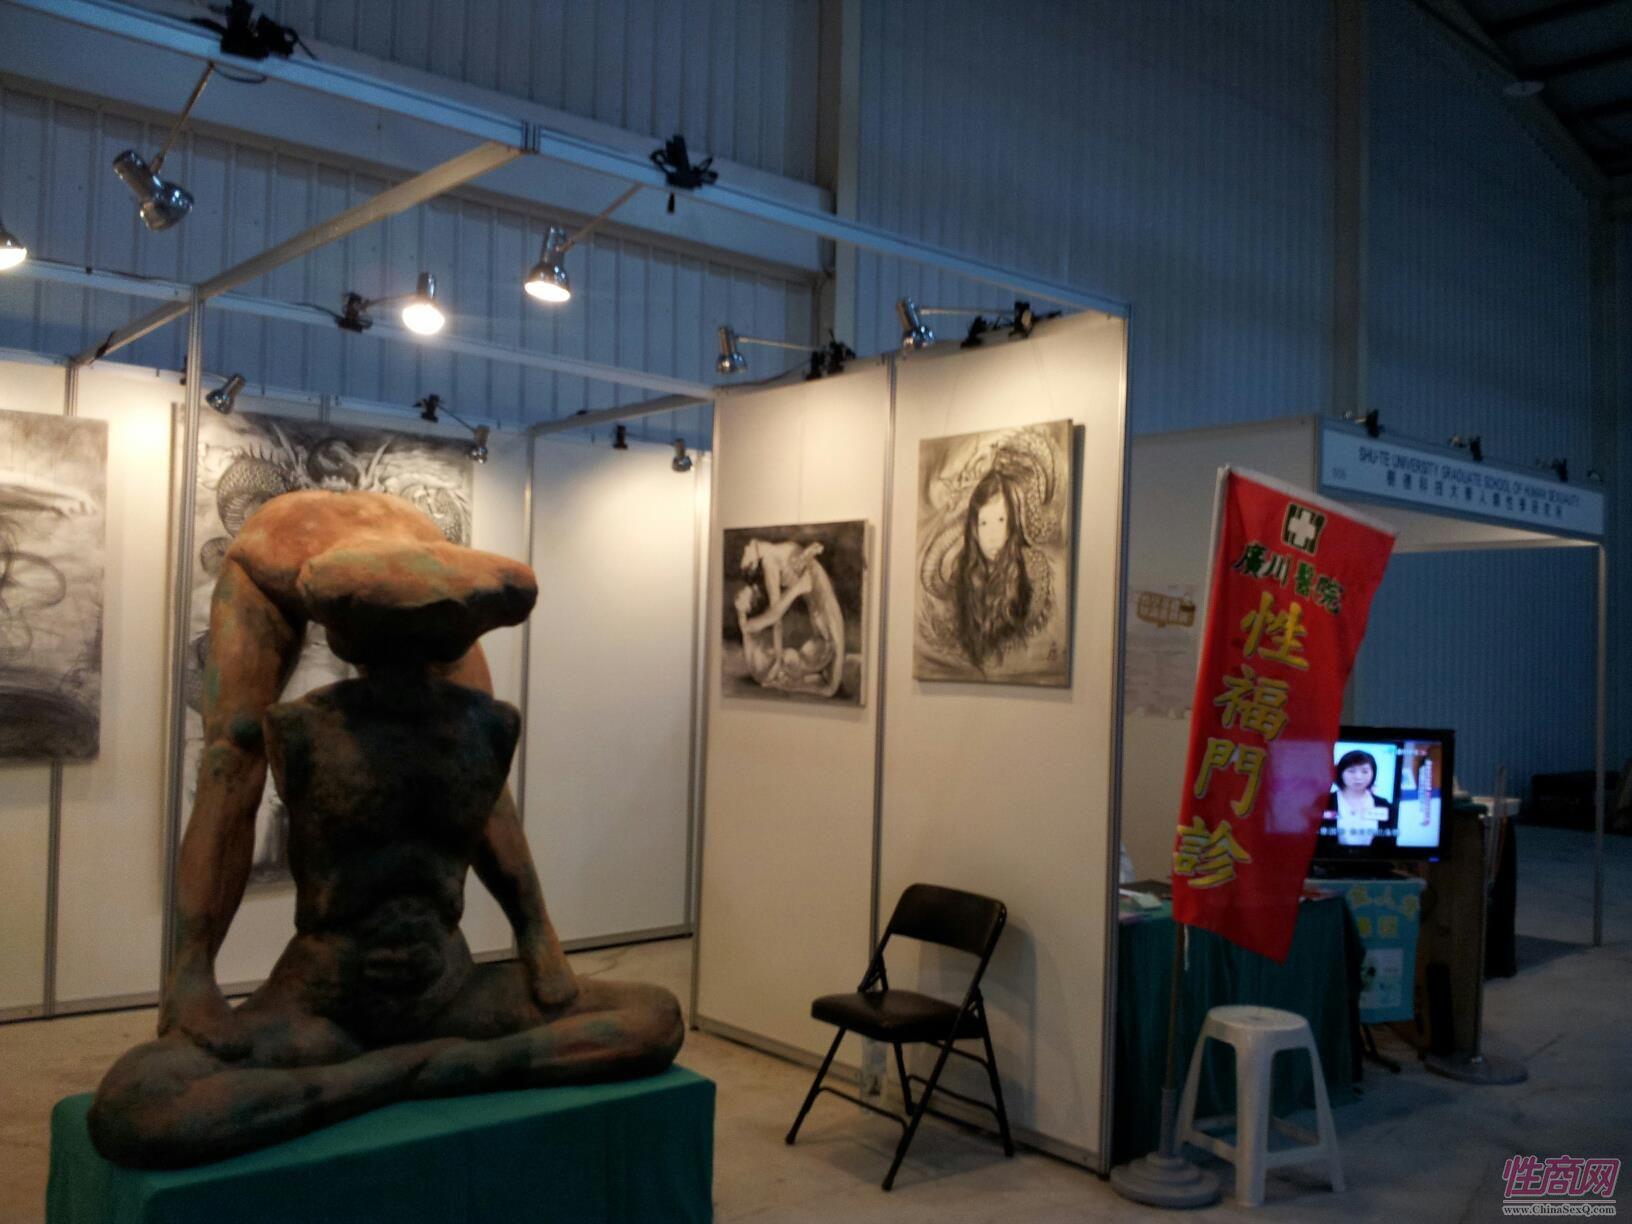 亚洲成人博览进入台湾瞄准宝岛性用品市场图片27